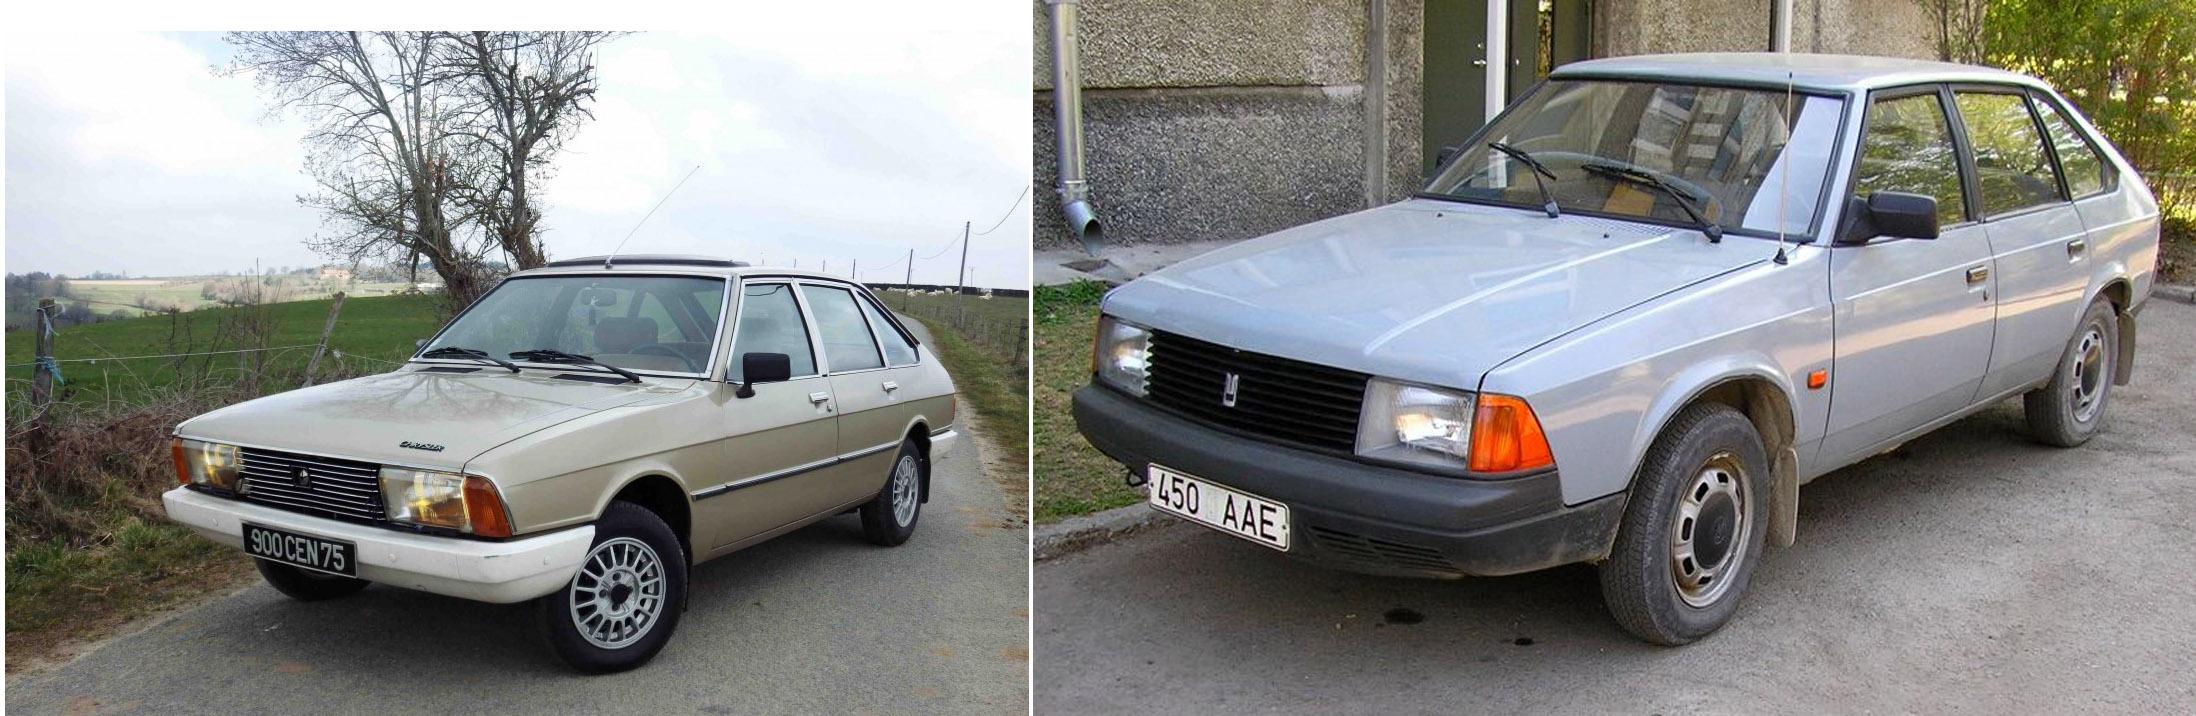 Как в СССР воровали дизайн и технологии. дизайн, автомобилей, практически, просто, советский, которые, автомобиля, который, фотоаппарат, справа, Электроника, фактически, весьма, пример, Москвич400, заводе, лицензии, очень, радиатора, похож